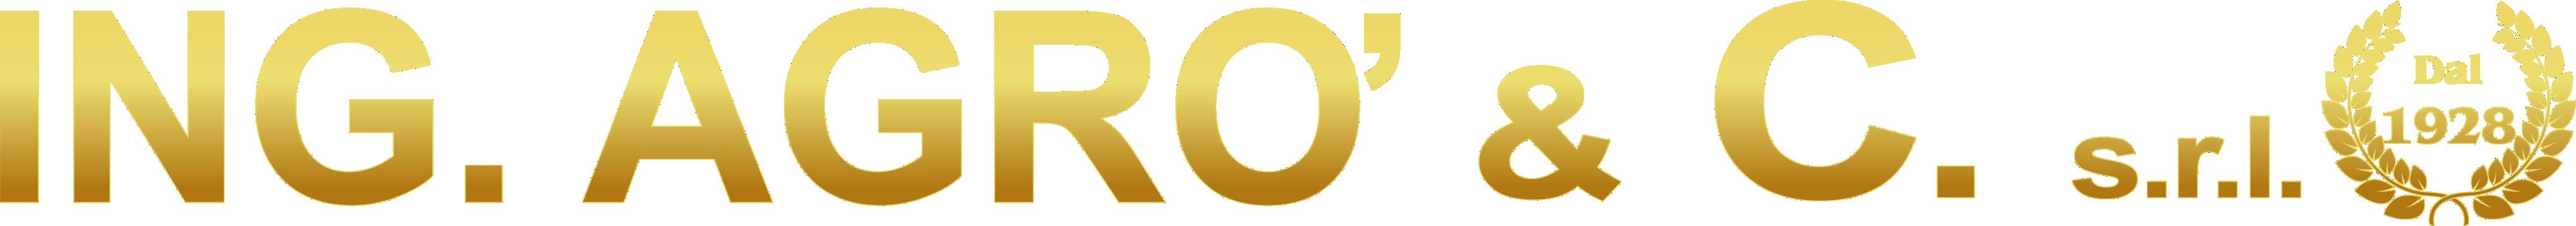 Logo agr%c3%b2 nuovo